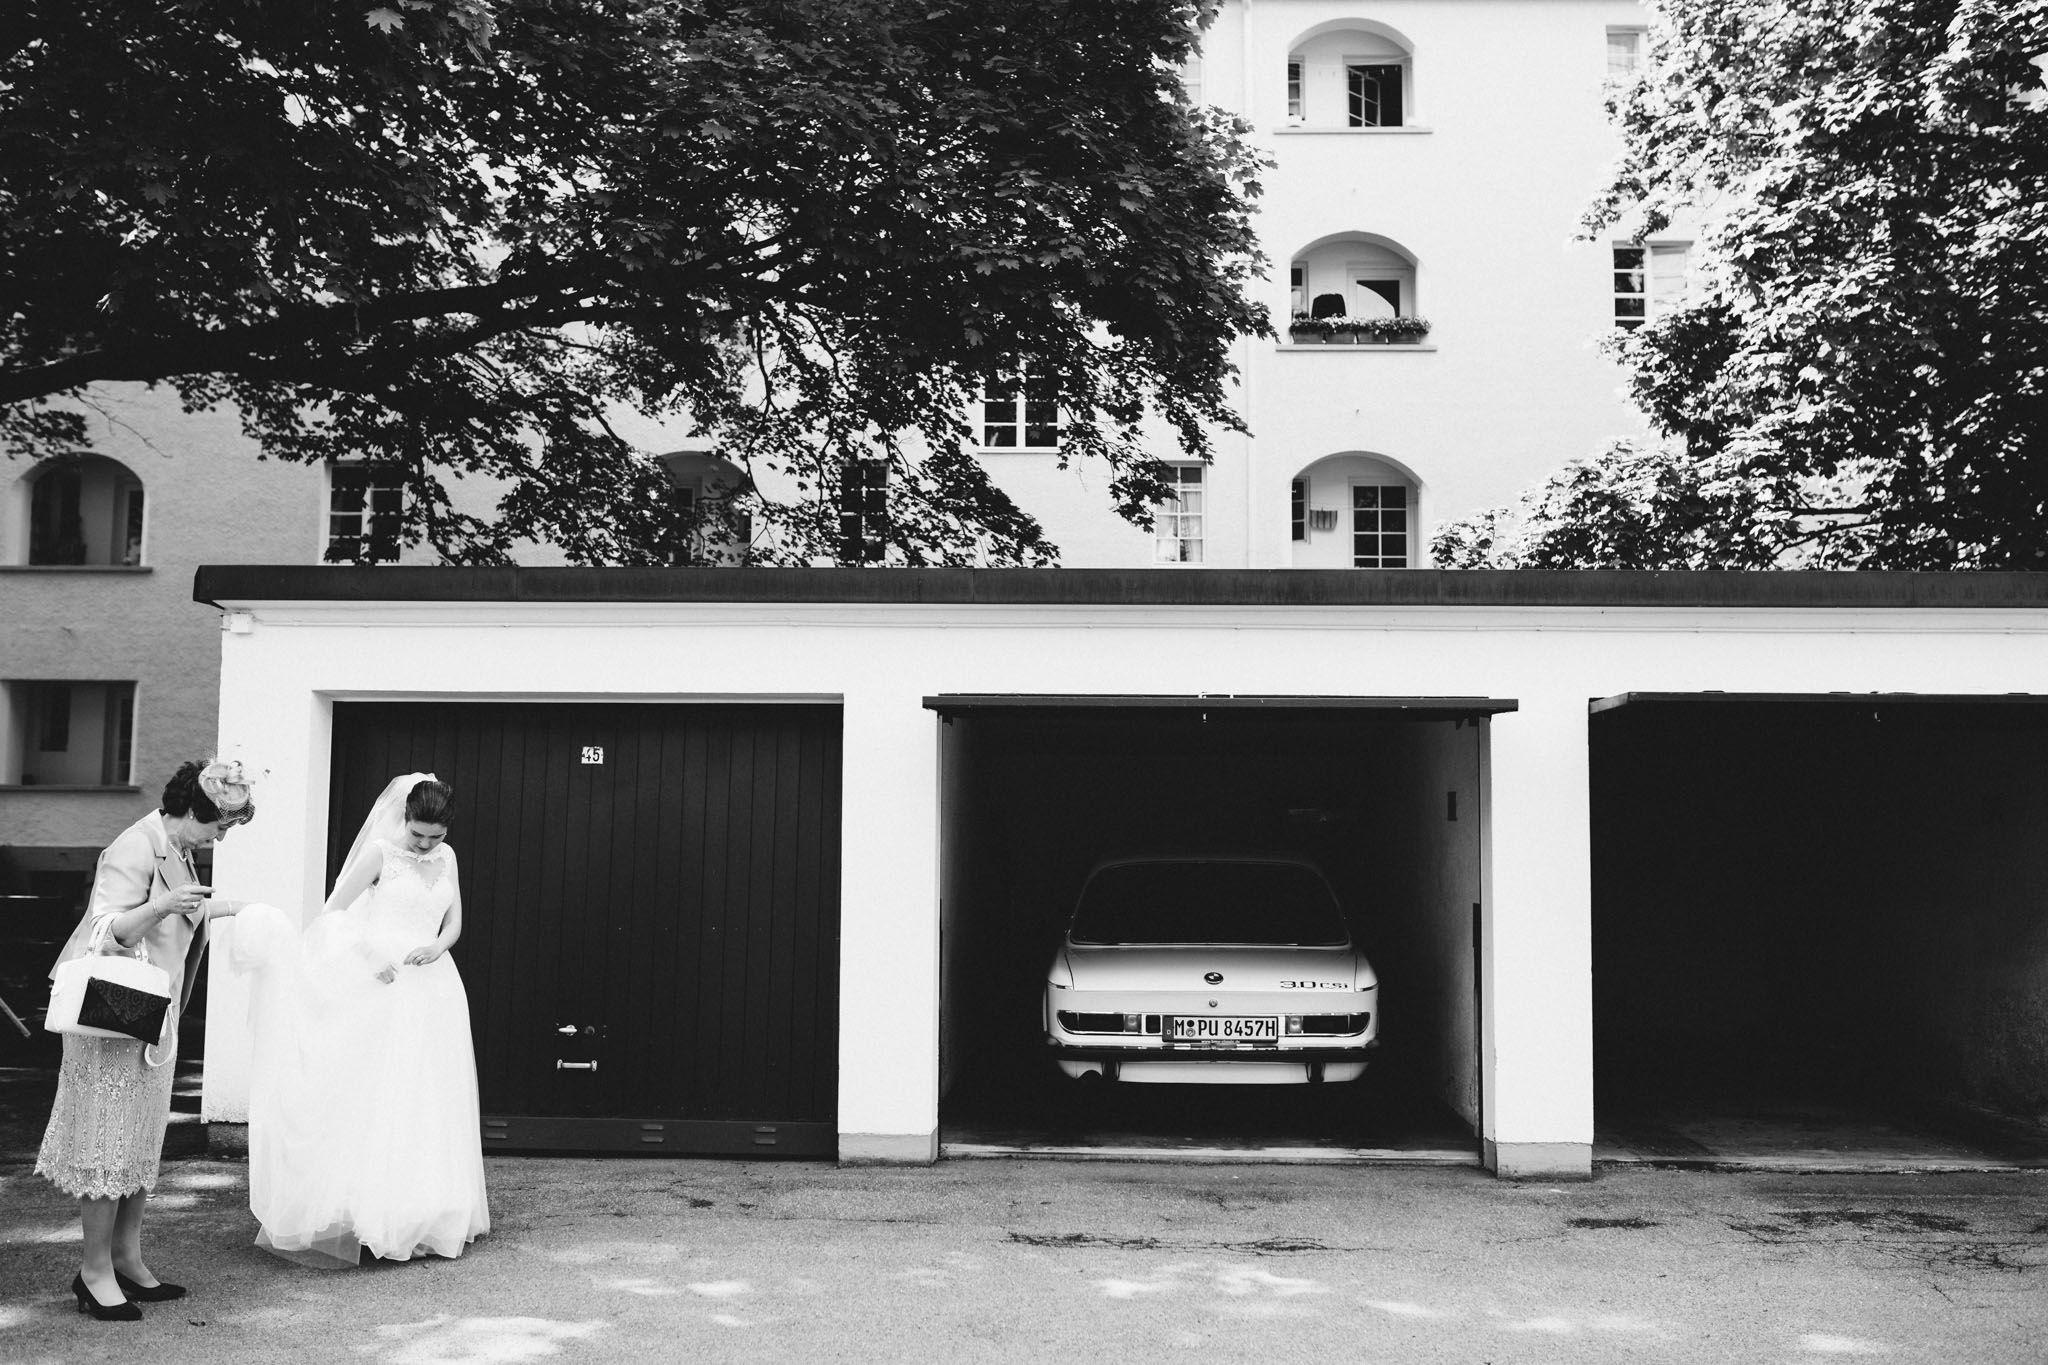 hochzeit-fotograf-münchen-reportage